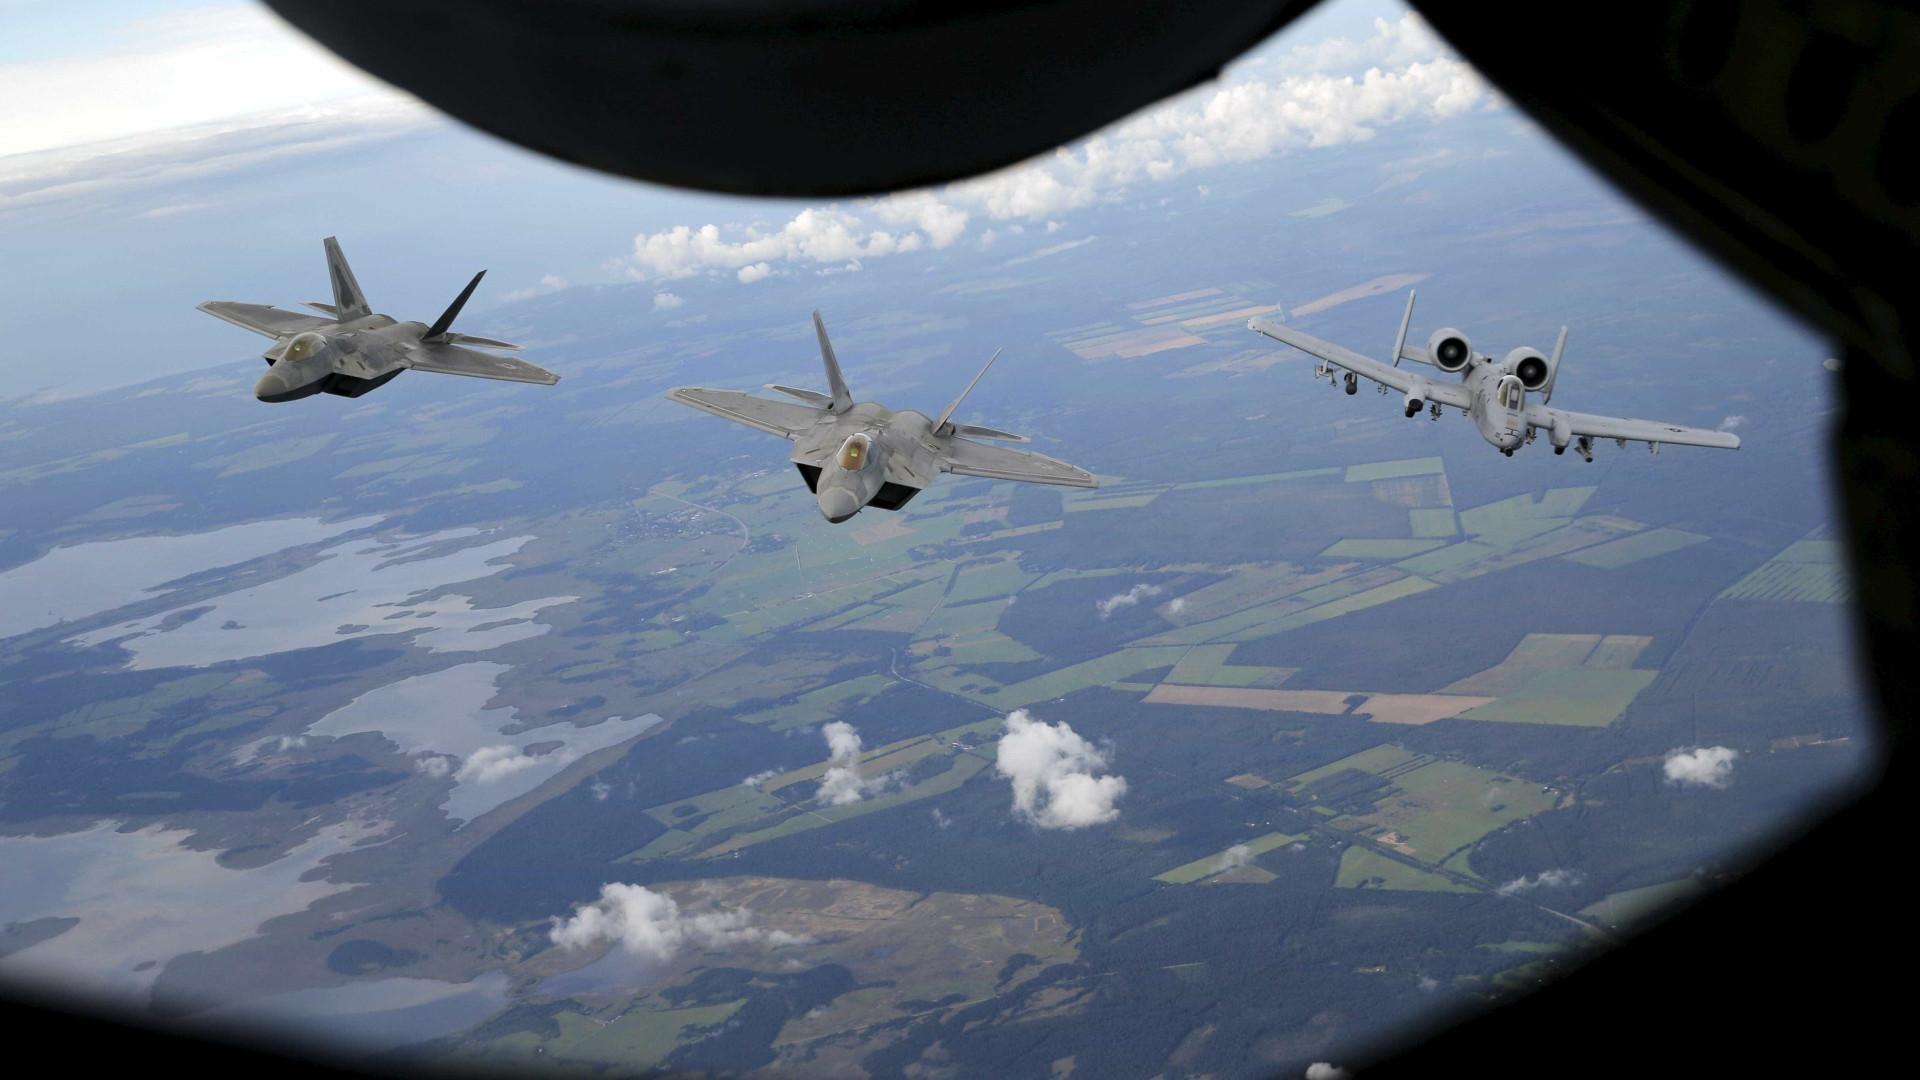 Tiros em base da Força Aérea britânica usada por norte-americanos